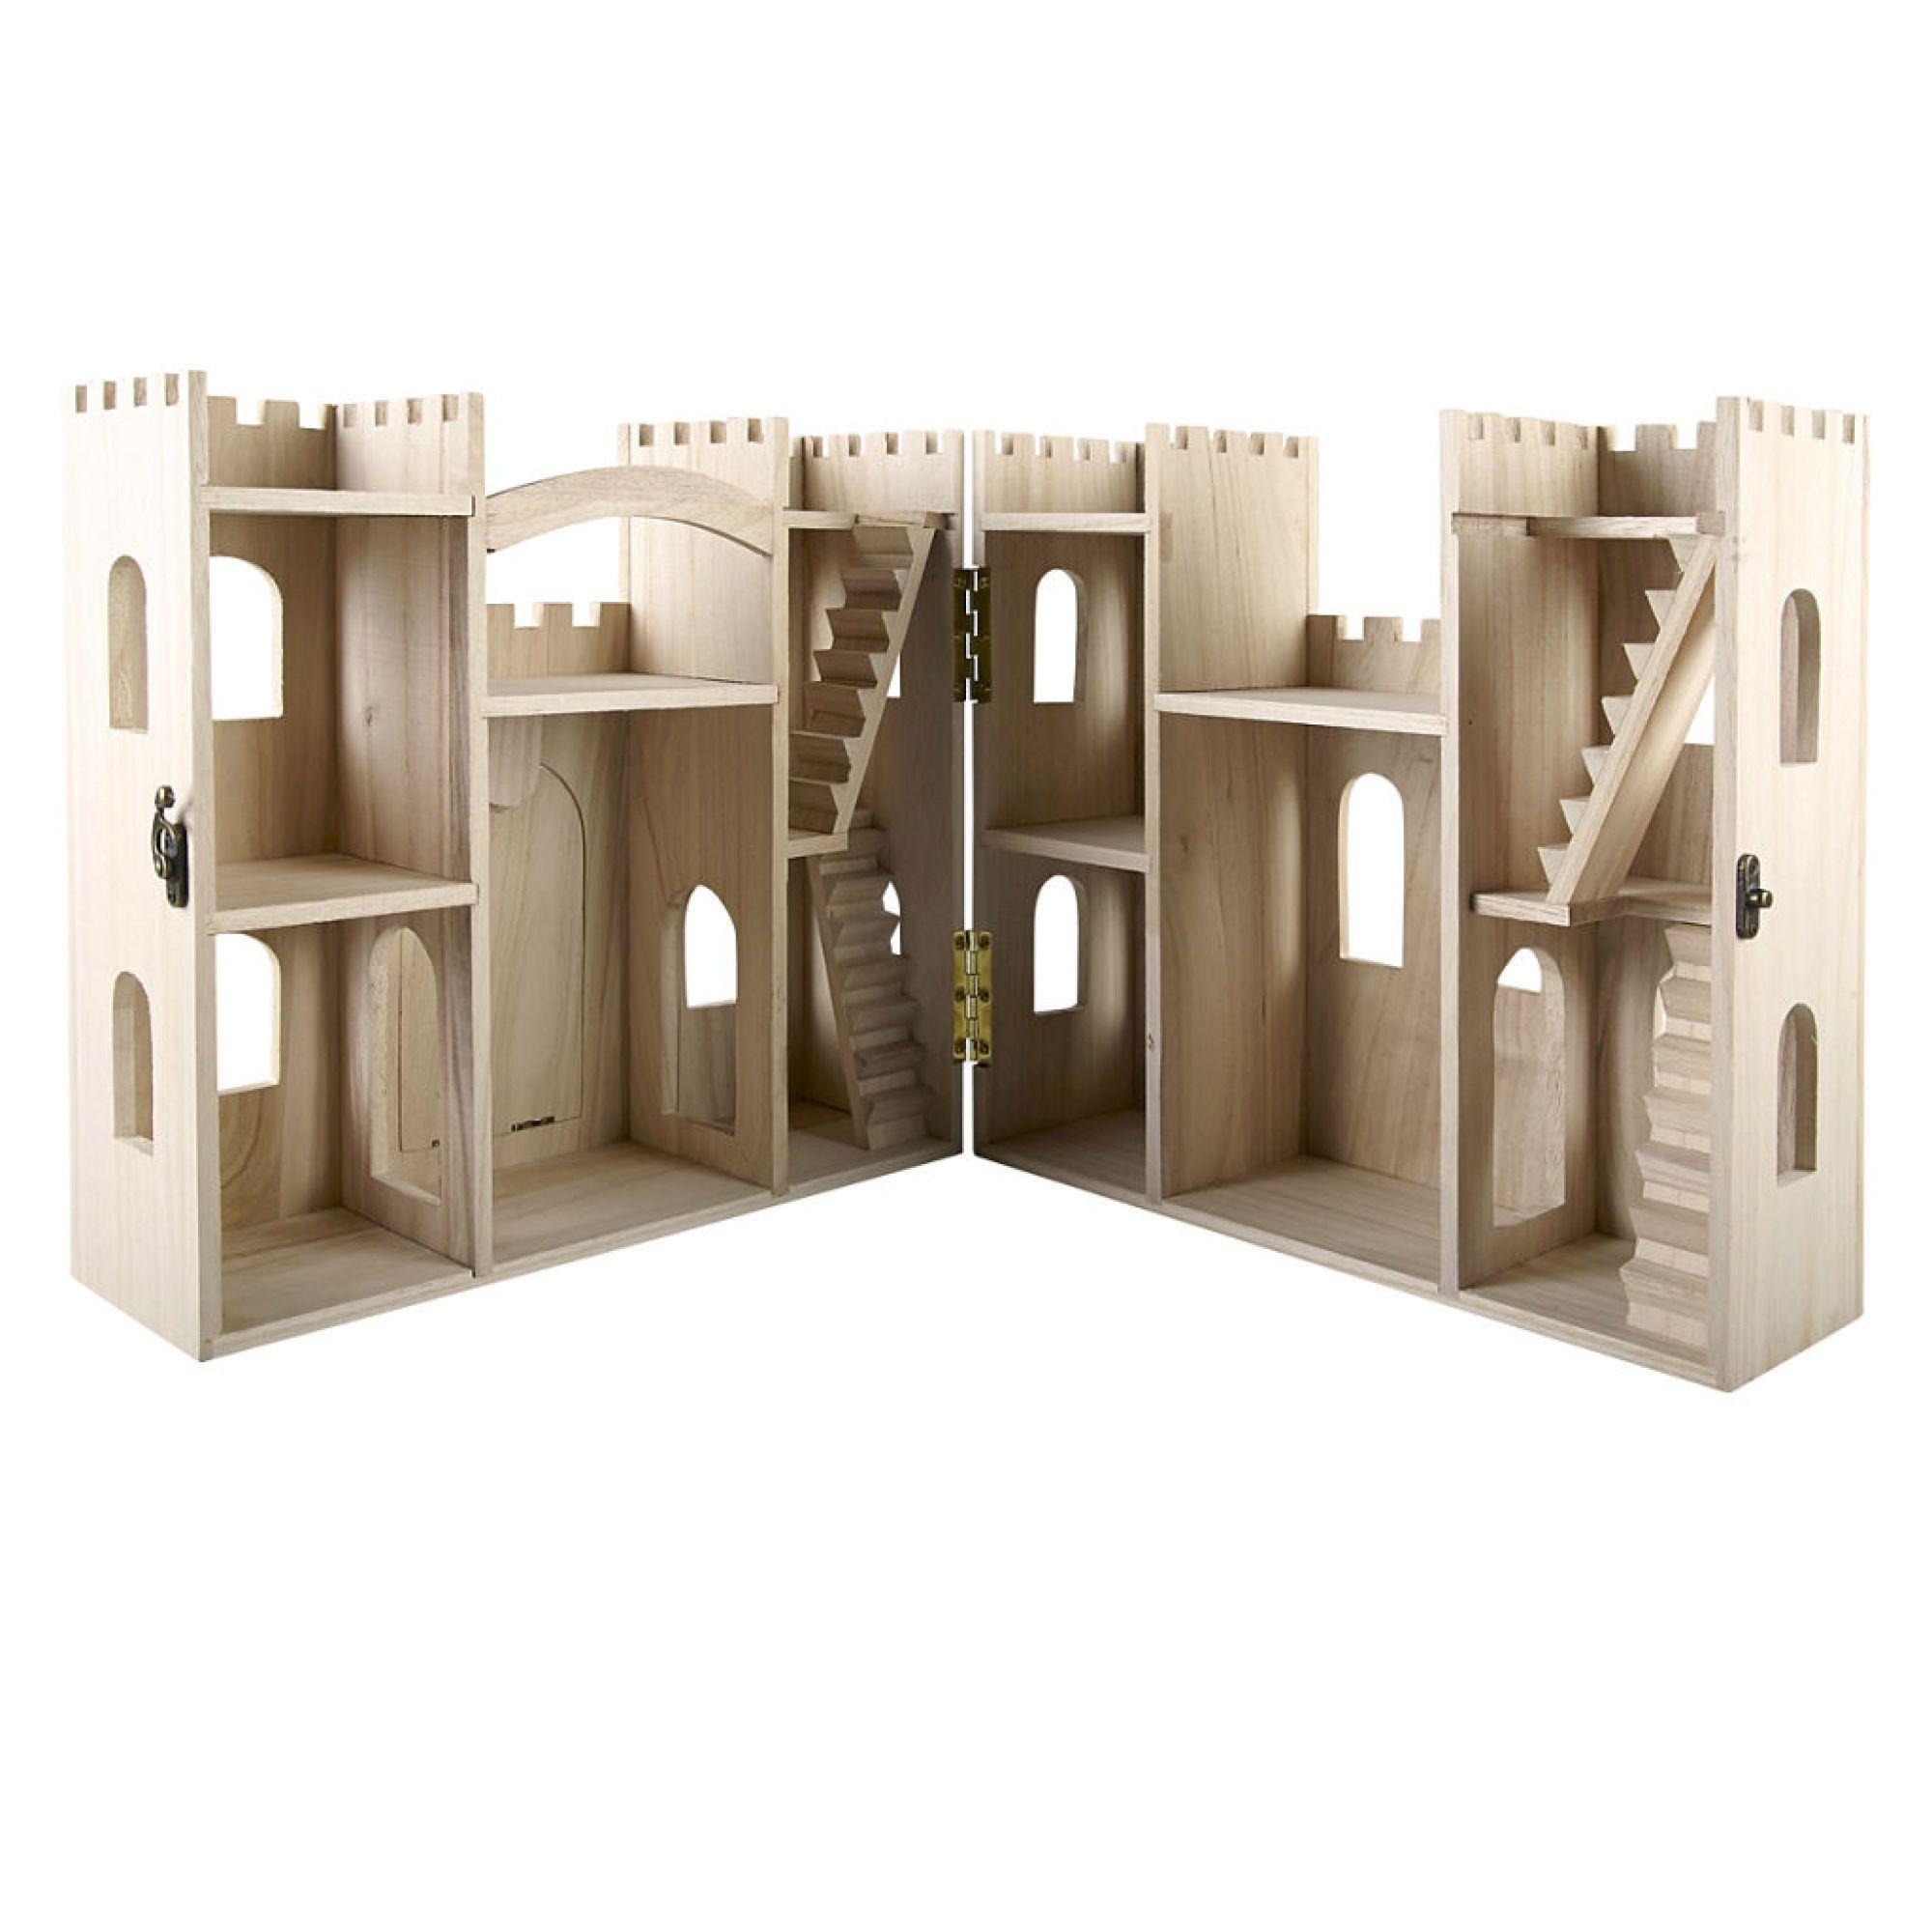 ArtMinds™ Wood Castle Dollhouse @ Michaels